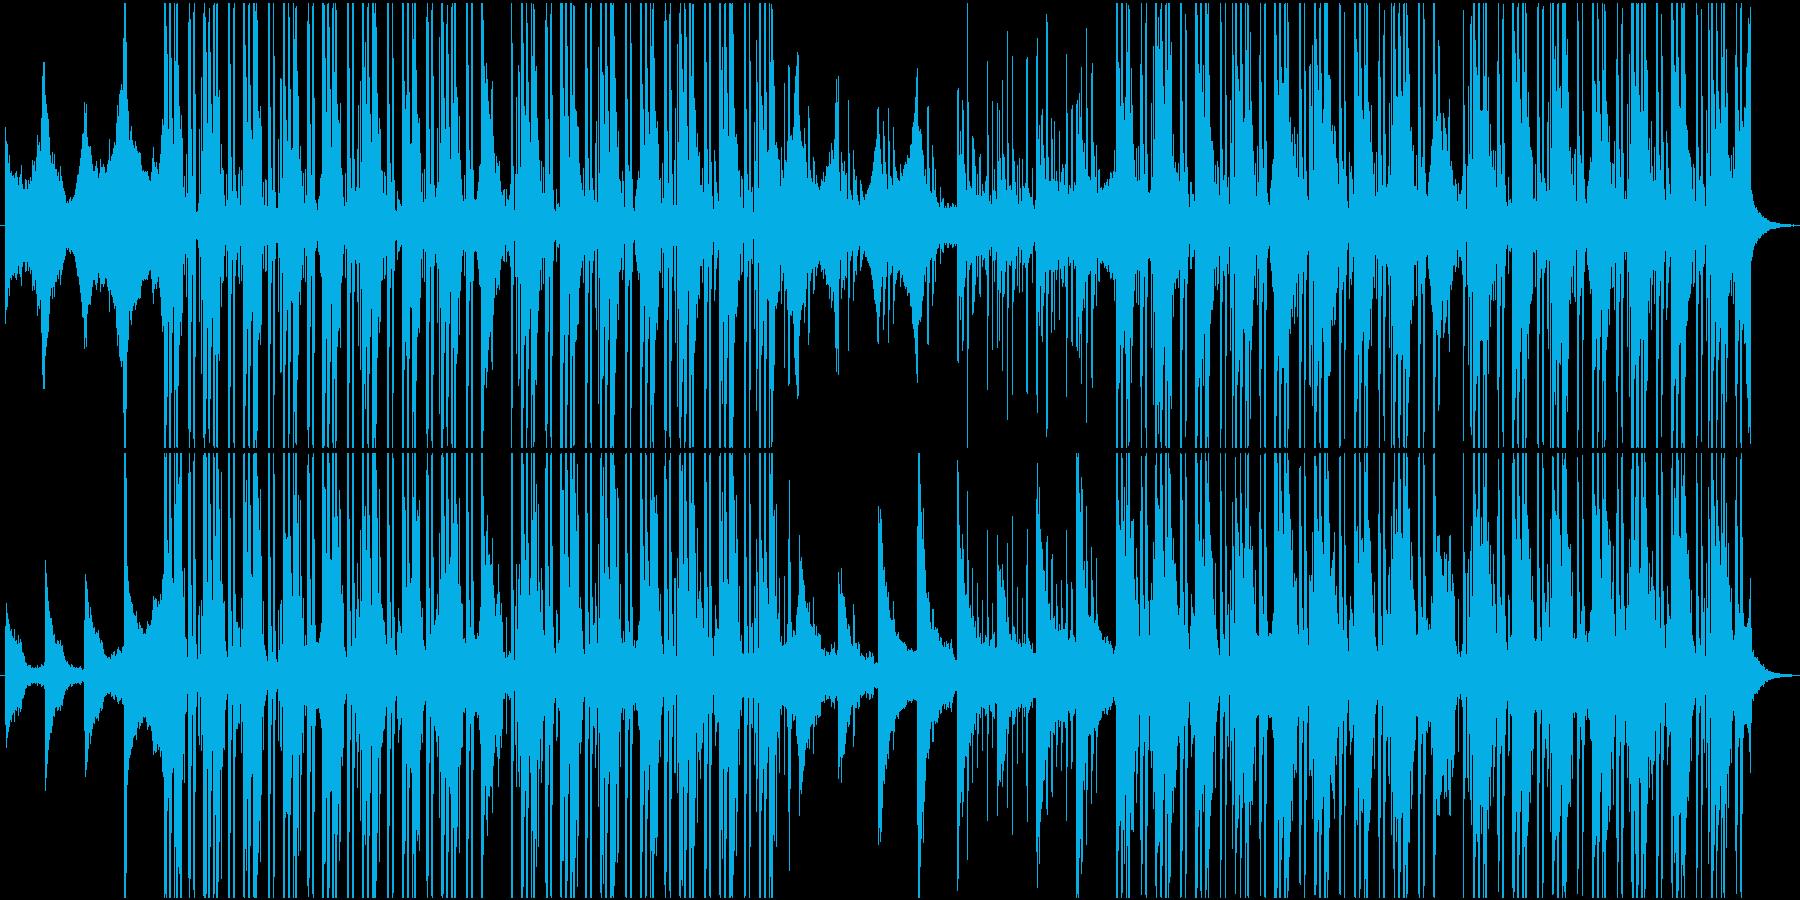 ストリングスメインのテックビート系の再生済みの波形